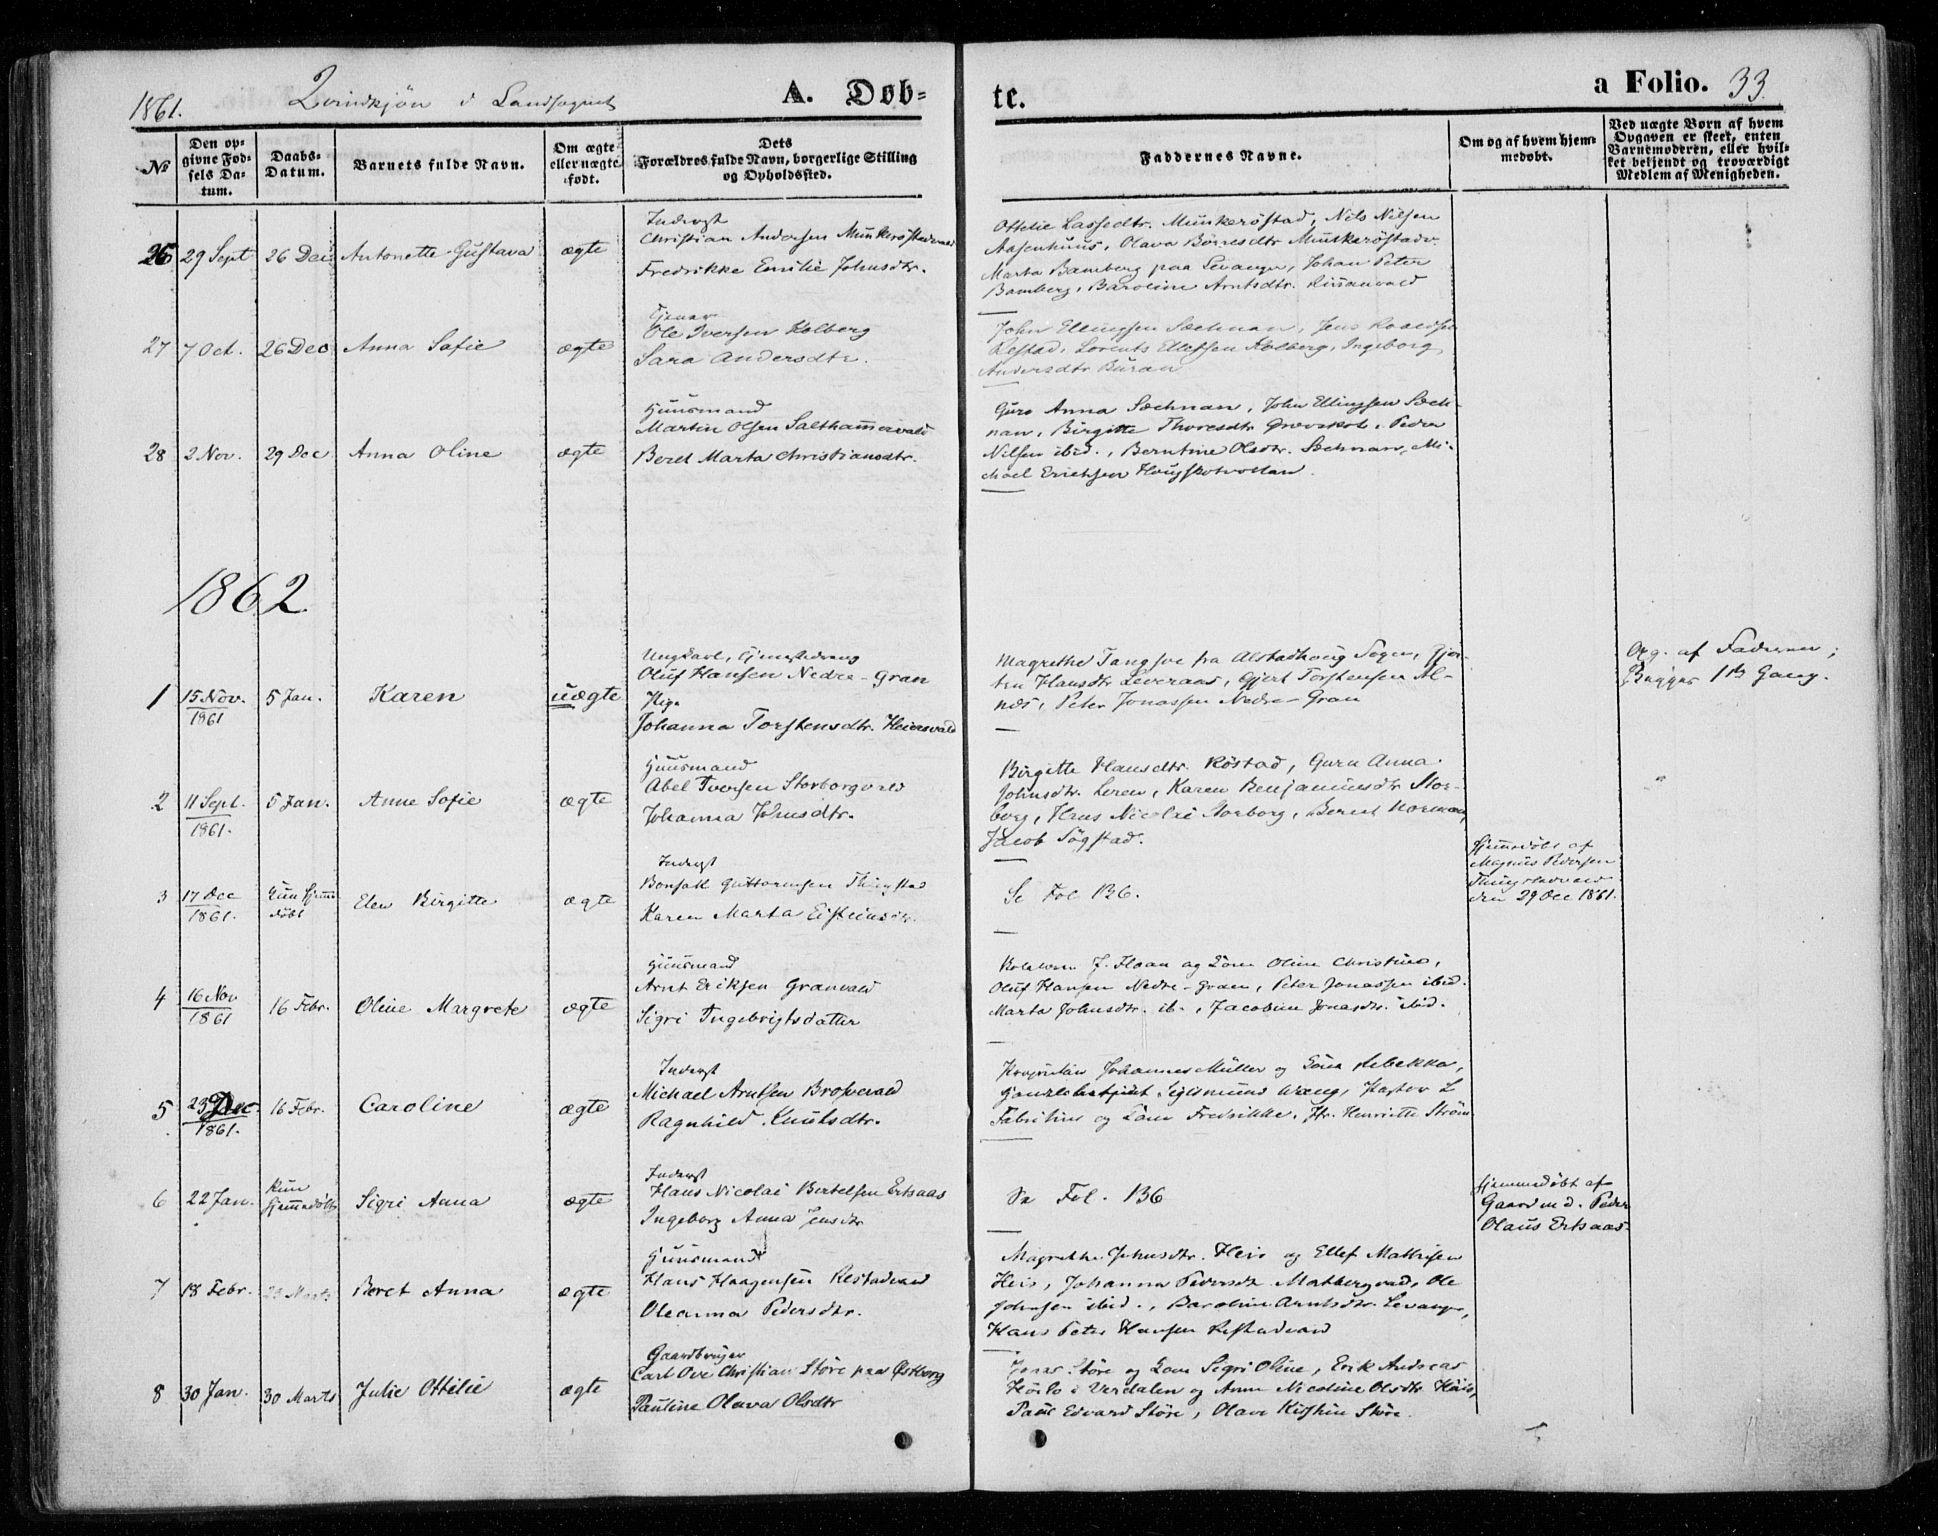 SAT, Ministerialprotokoller, klokkerbøker og fødselsregistre - Nord-Trøndelag, 720/L0184: Ministerialbok nr. 720A02 /2, 1855-1863, s. 33